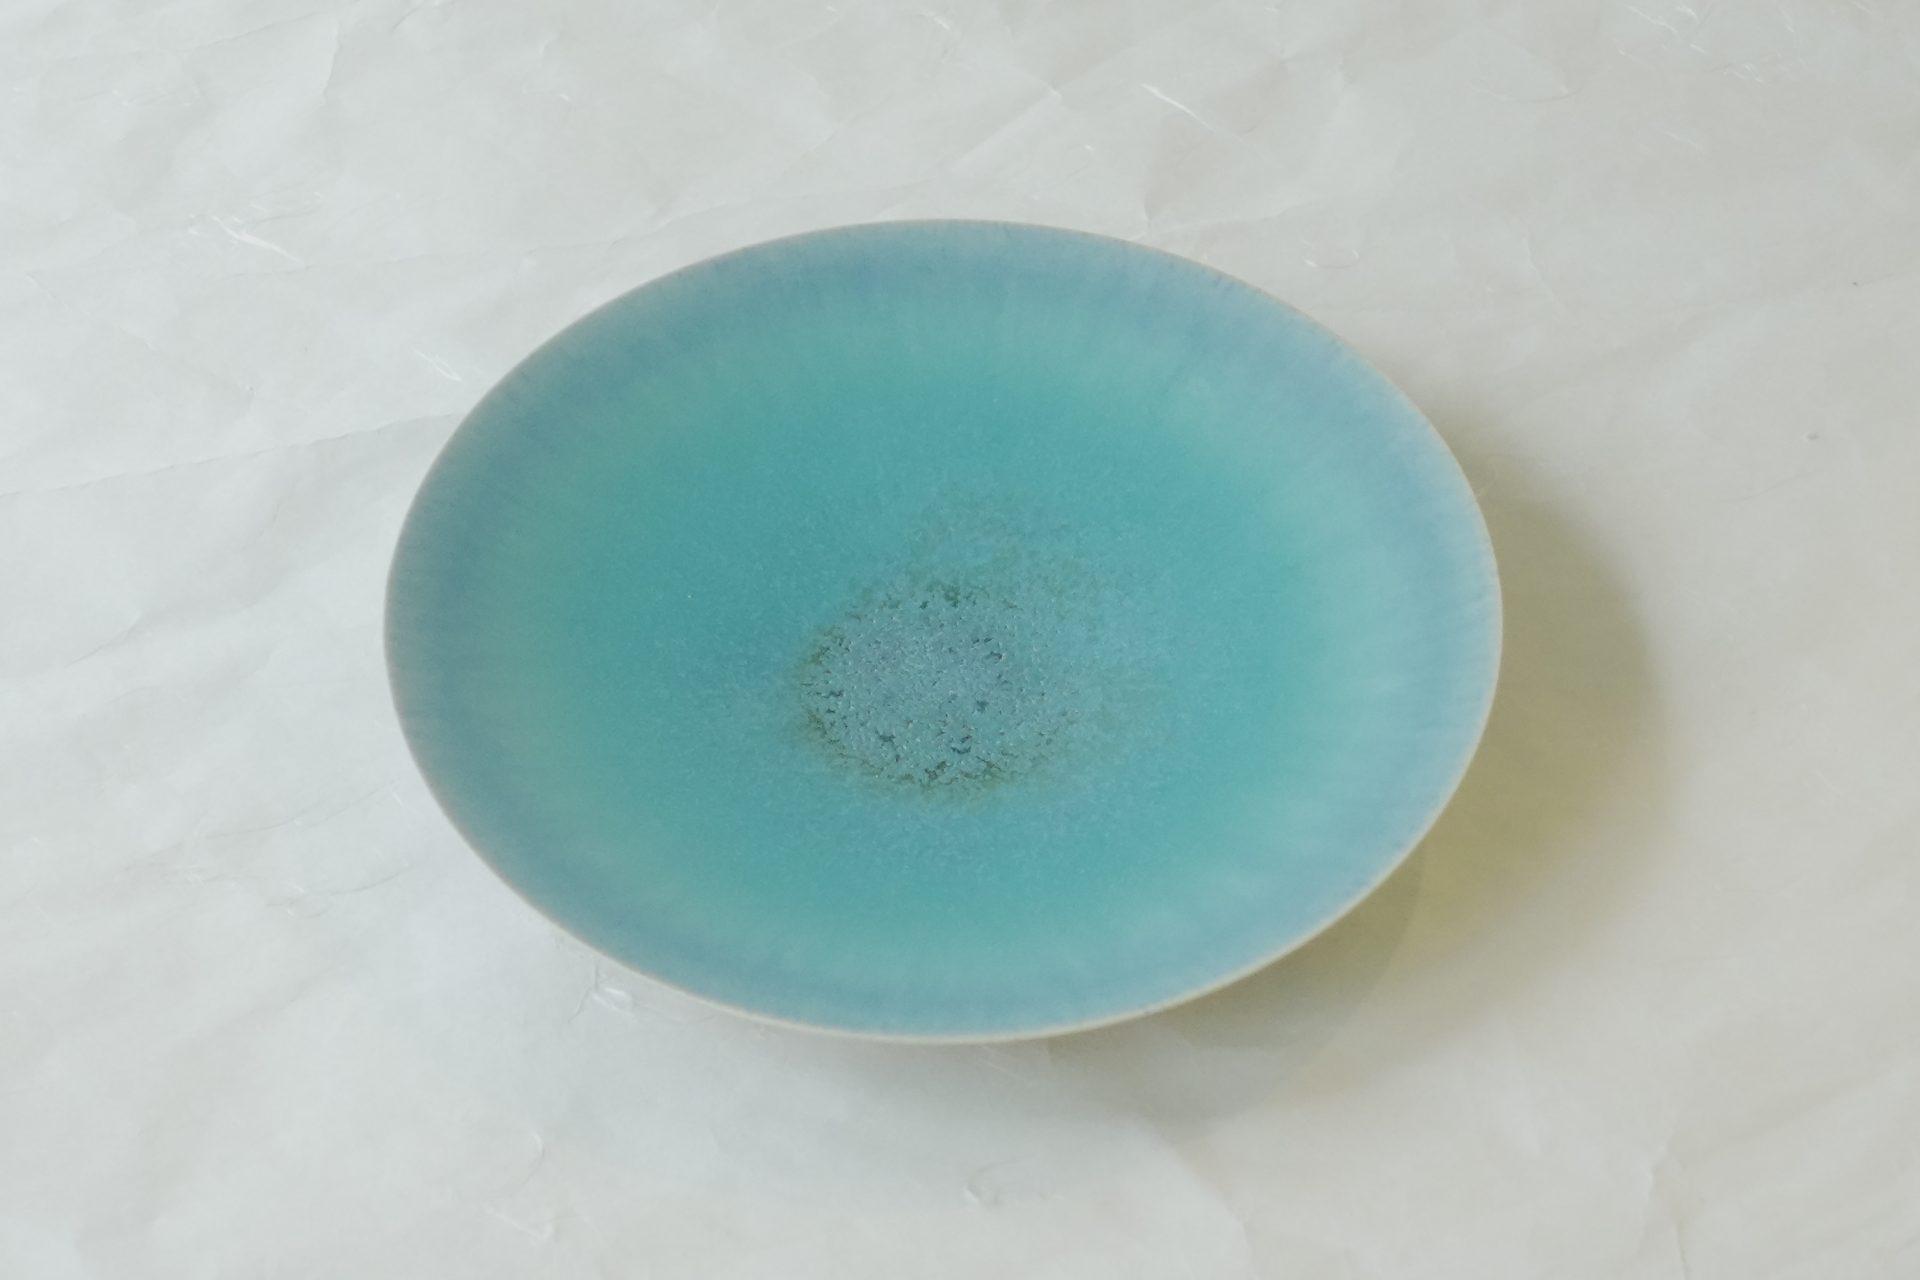 陶器 清水焼 青釉 手づくり プレート ろくろ挽き トルコブルー 皿 さわやか モーニングプレート 取り皿 副菜用の皿 デザートプレート 様々な用途 和皿 洋風のお料理 お洒落